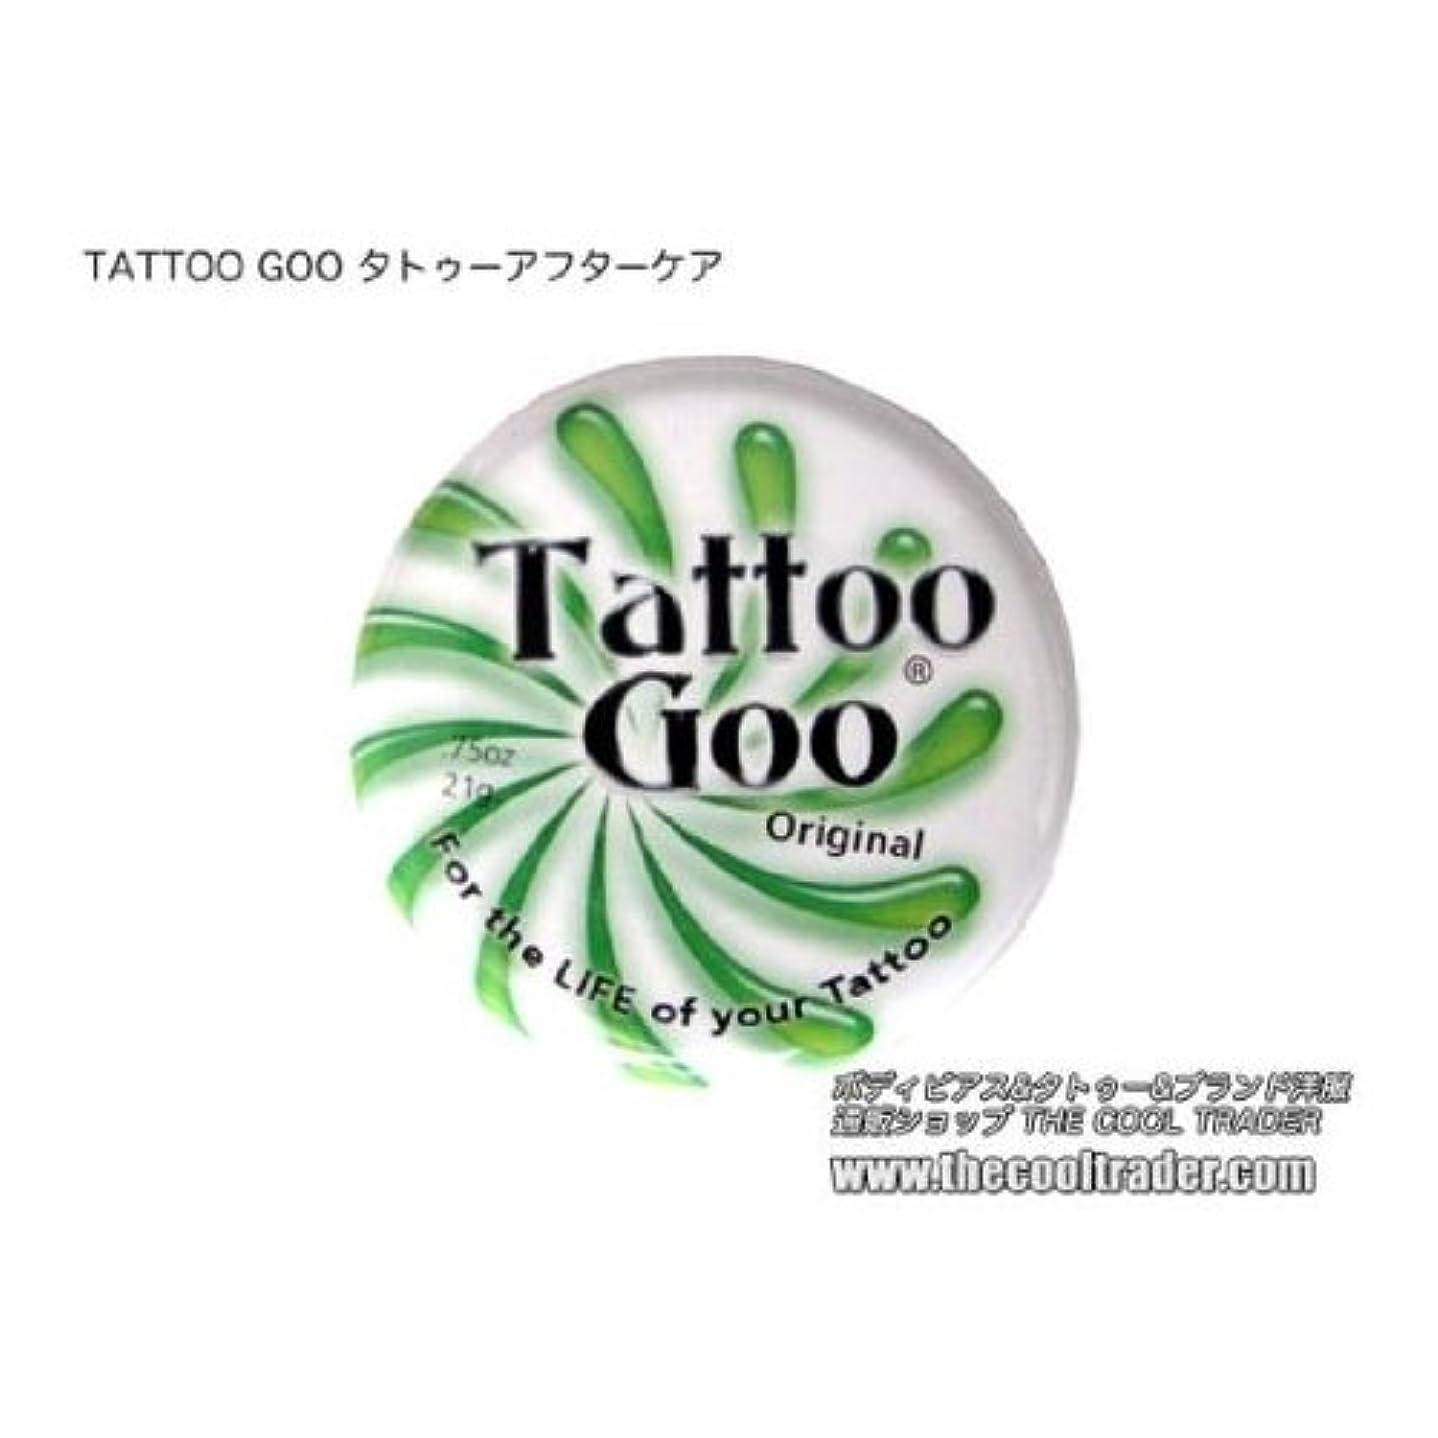 ビルダーアイデアお手伝いさんTATTOO GOO タトゥー&ボディピアス専用アフターケア 軟膏クリーム オリジナル